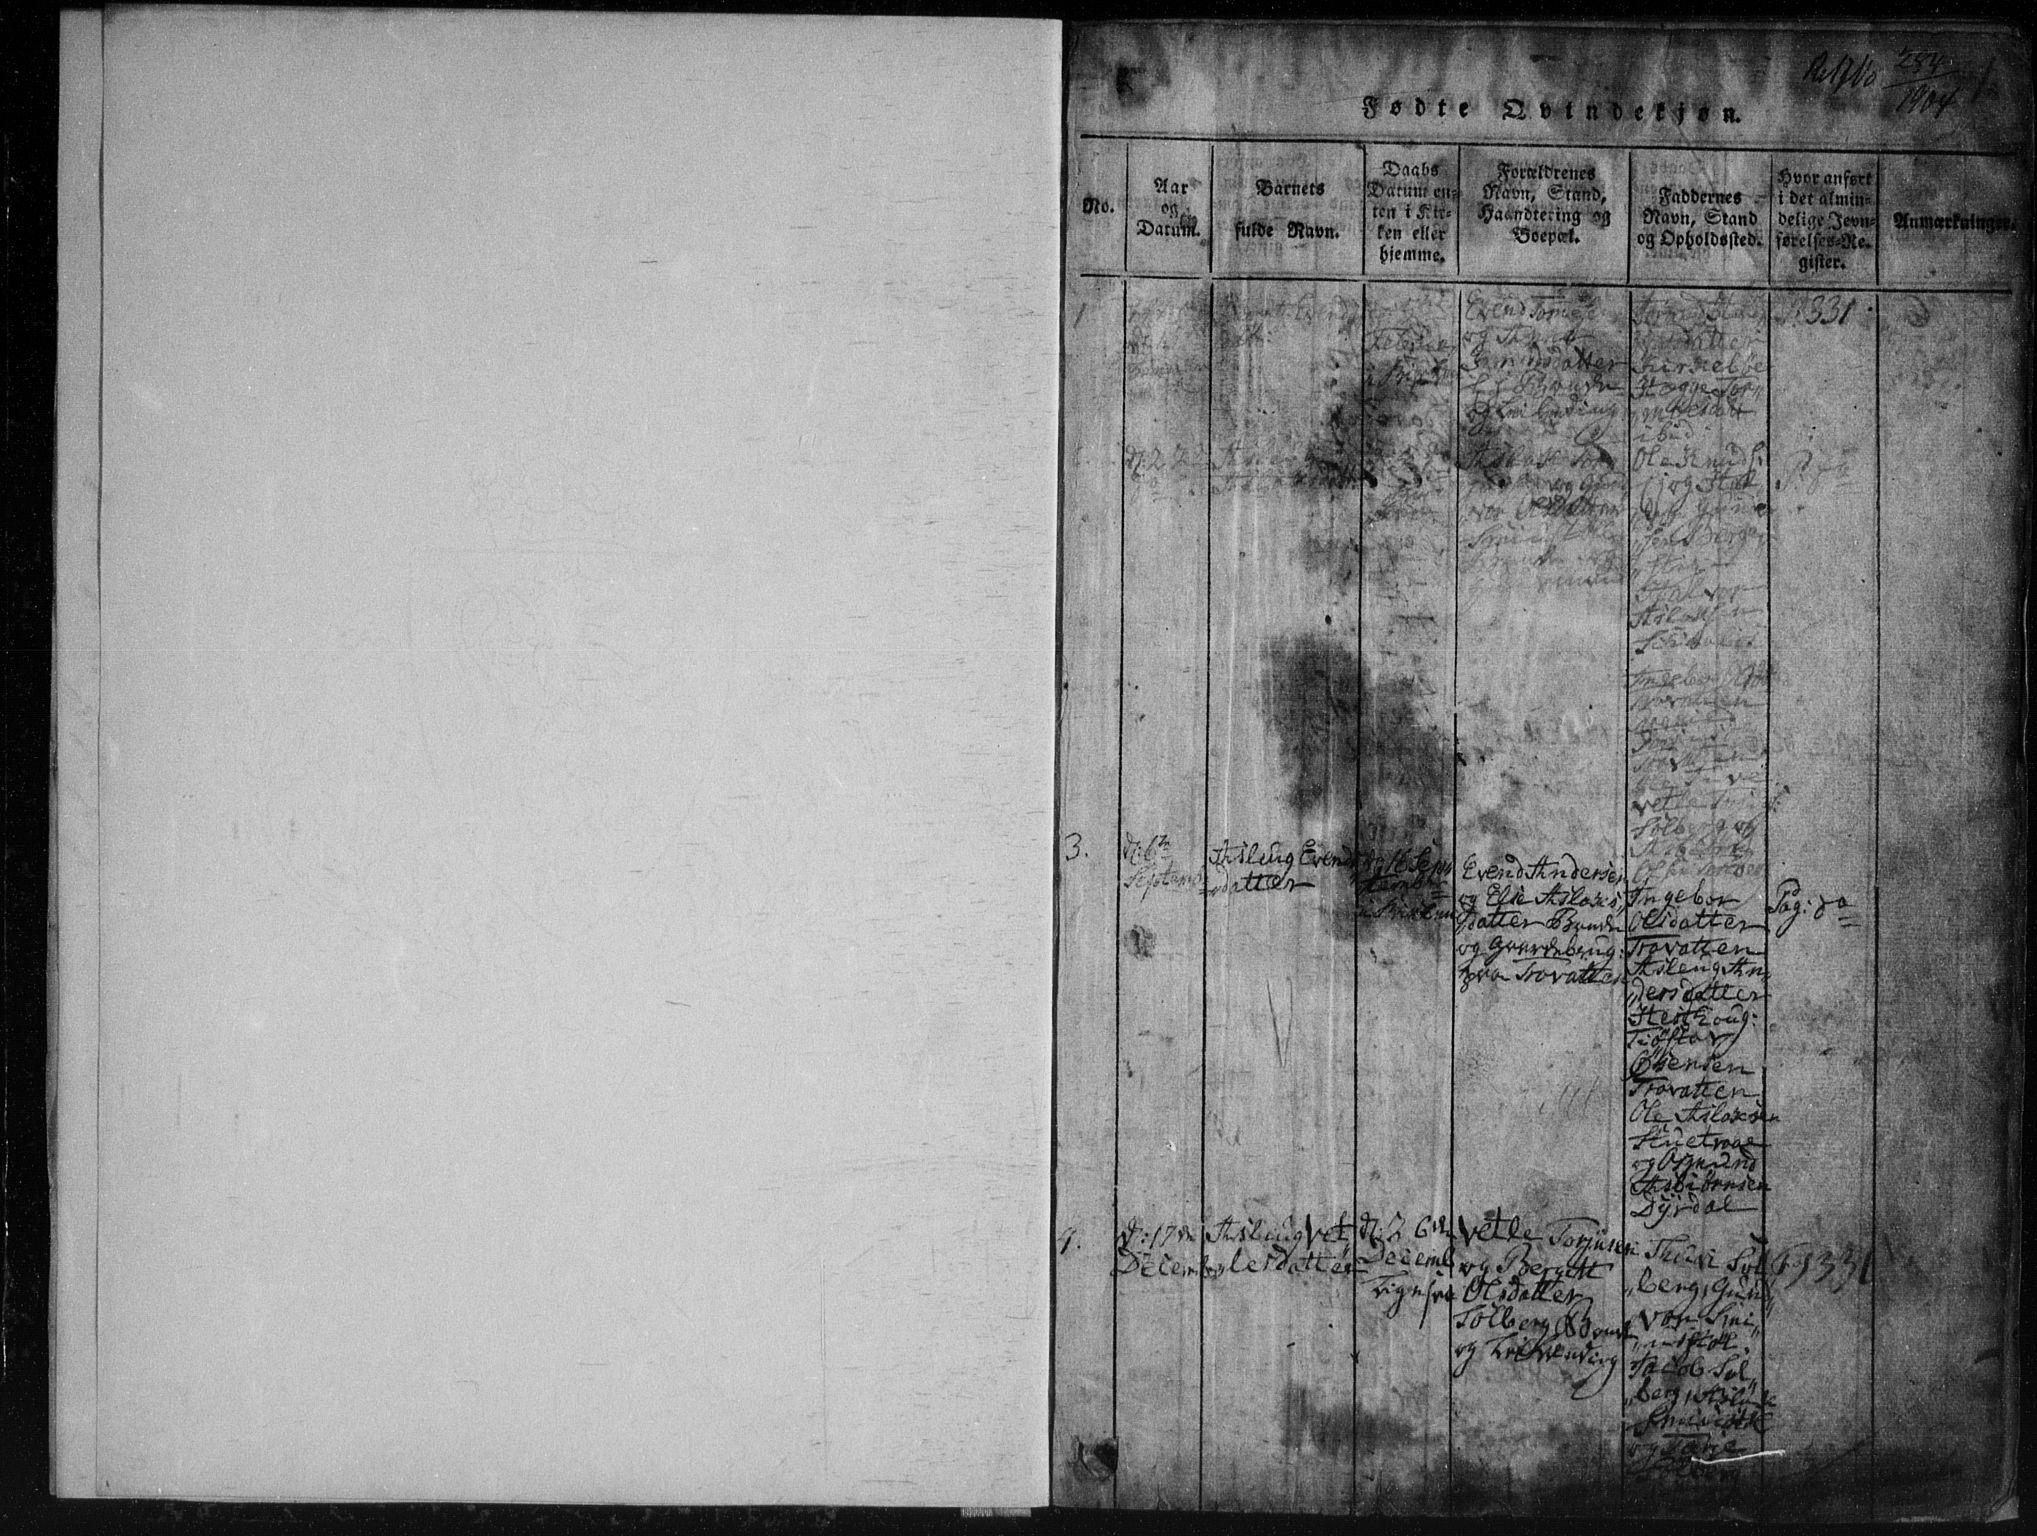 SAKO, Rauland kirkebøker, G/Gb/L0001: Klokkerbok nr. II 1, 1815-1886, s. 1